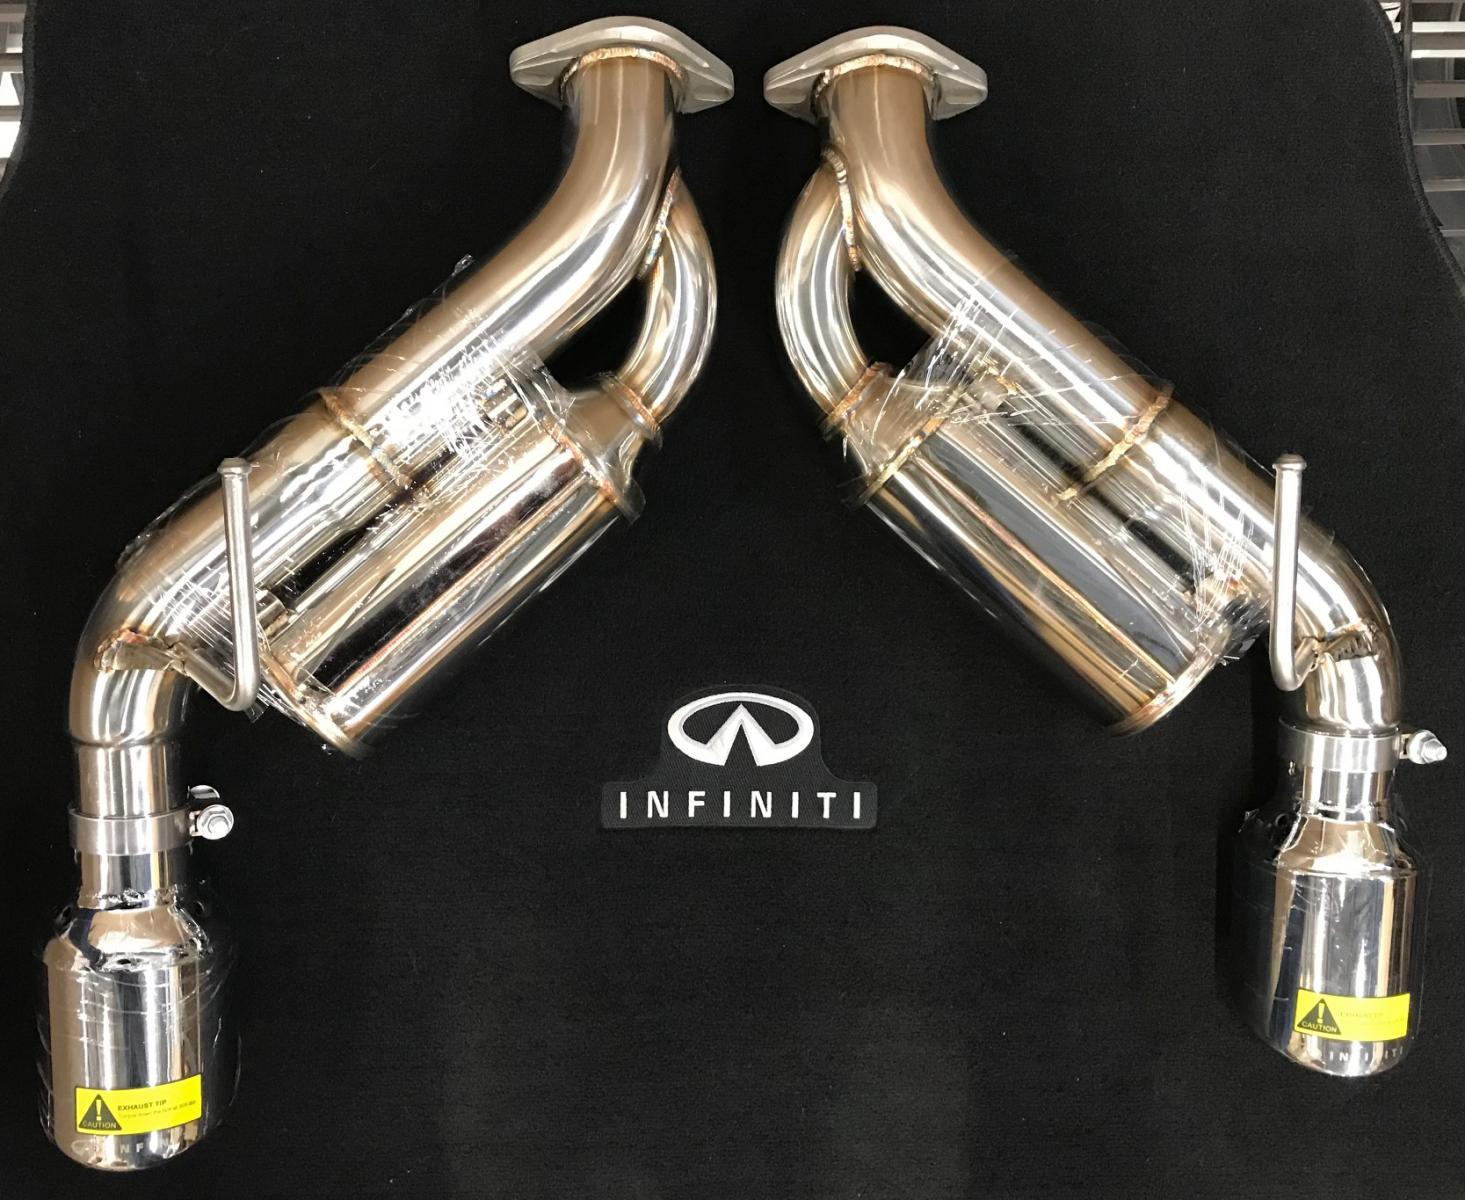 new infiniti helmholtz exhaust kit